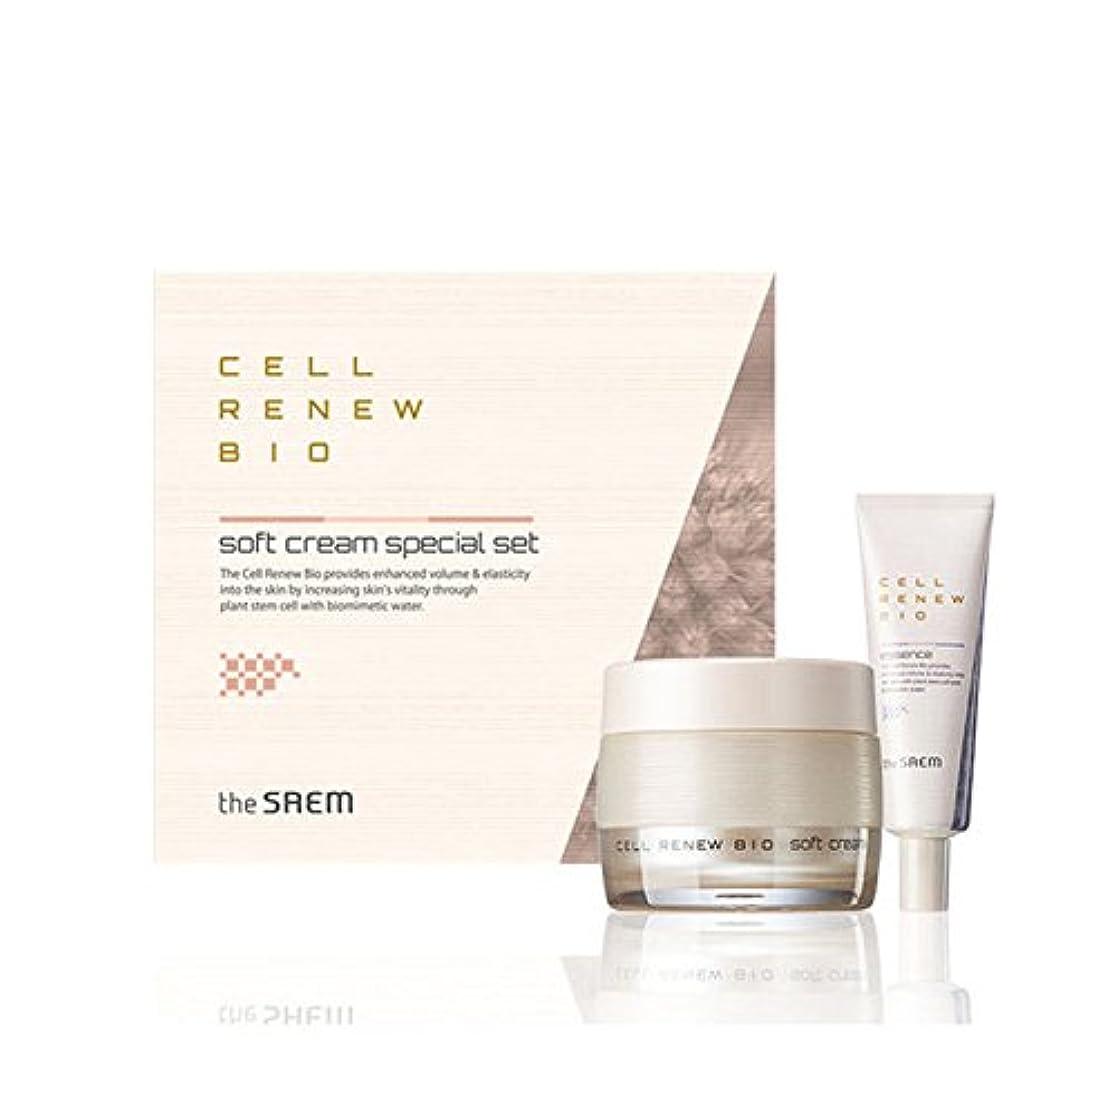 二年生近々藤色[ザセム] The Saem セルリニュー バイオ クリーム スペシャルセット Cell Renew Bio Cream Special Set (海外直送品) [並行輸入品]